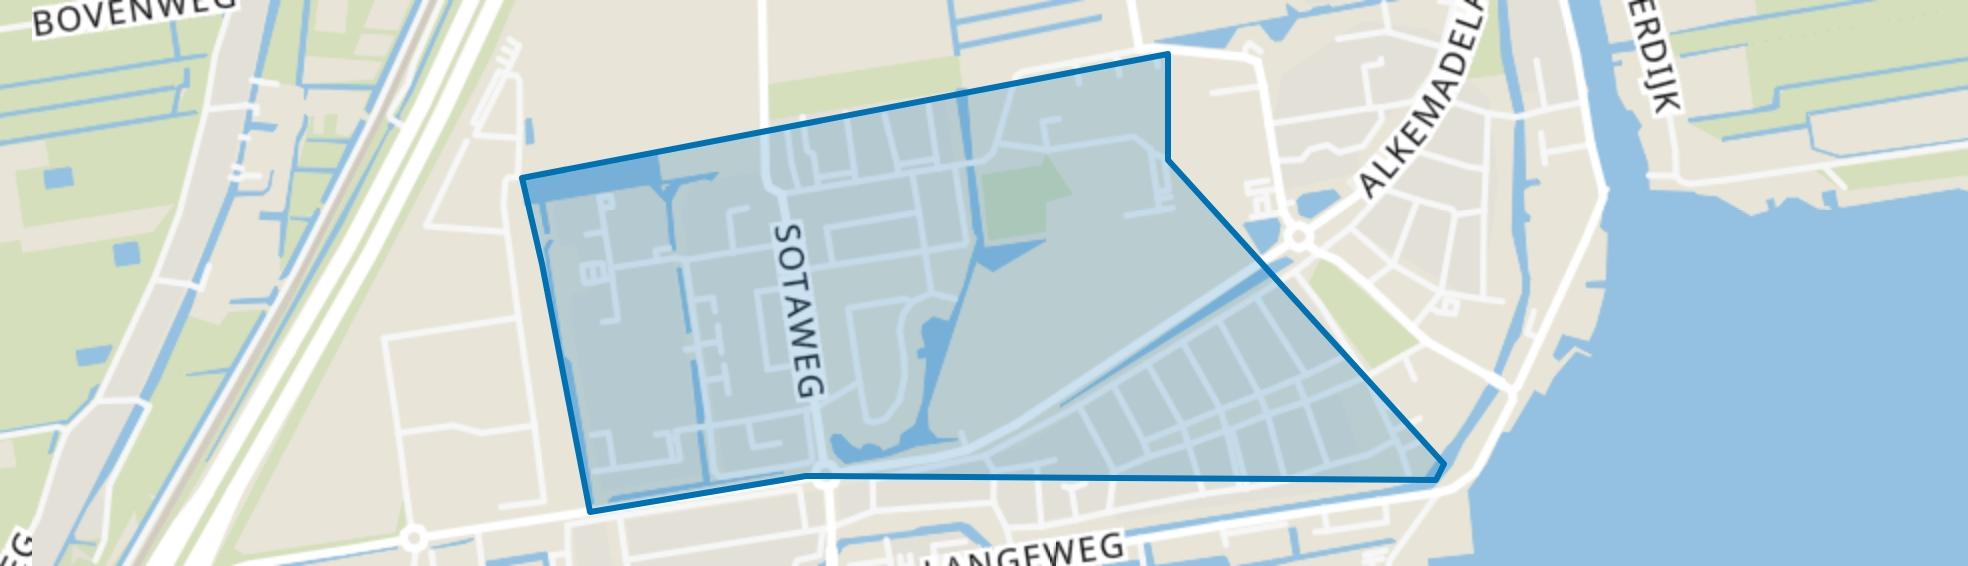 Roelofarendsveen-Noord, Roelofarendsveen map